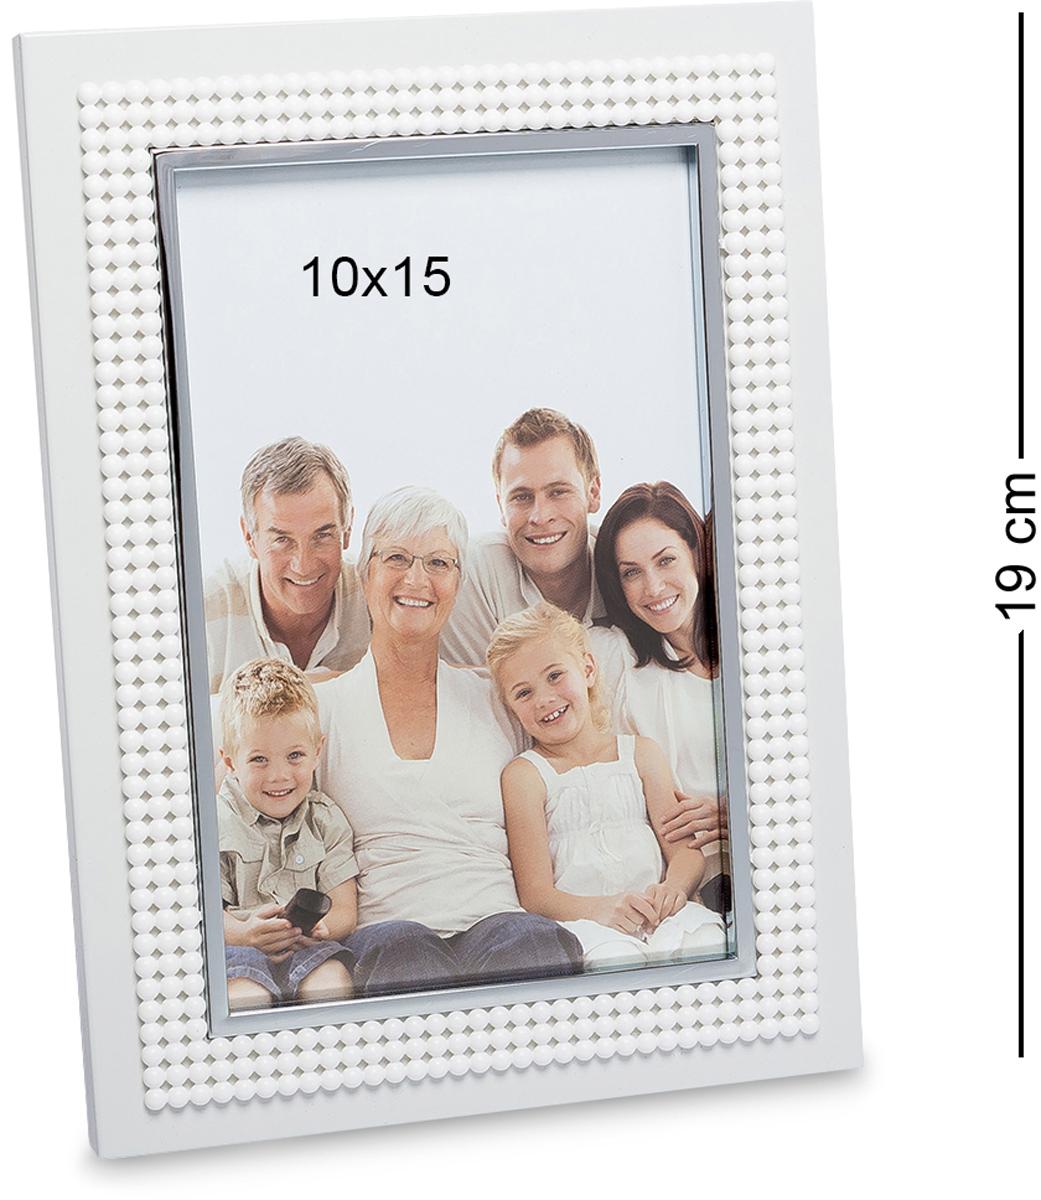 Фоторамка Bellezza Casa Яркое свидание, фото 10х15. CHK-074CHK-074Фоторамка для фотографий 10х15 см. Металлическая рамочка для фото Яркое свидание украсит и сделает особенной даже самое простое фото. Хотя, как фото семьи, с друзьями может быть обычным. Но рамка сделает фото еще более особенным и красочным. В такой рамочке не стыдно фотокарточки поставить и на полку, и повесить на стену. Может показаться, что в ней нет ничего особенного, она не переполнена деталями, но это и делает ее до такой степени оригинальной. Мелкие бусинки по ободку рамочки украшают ее, но не перегружают, и в этом вся ее прелесть.